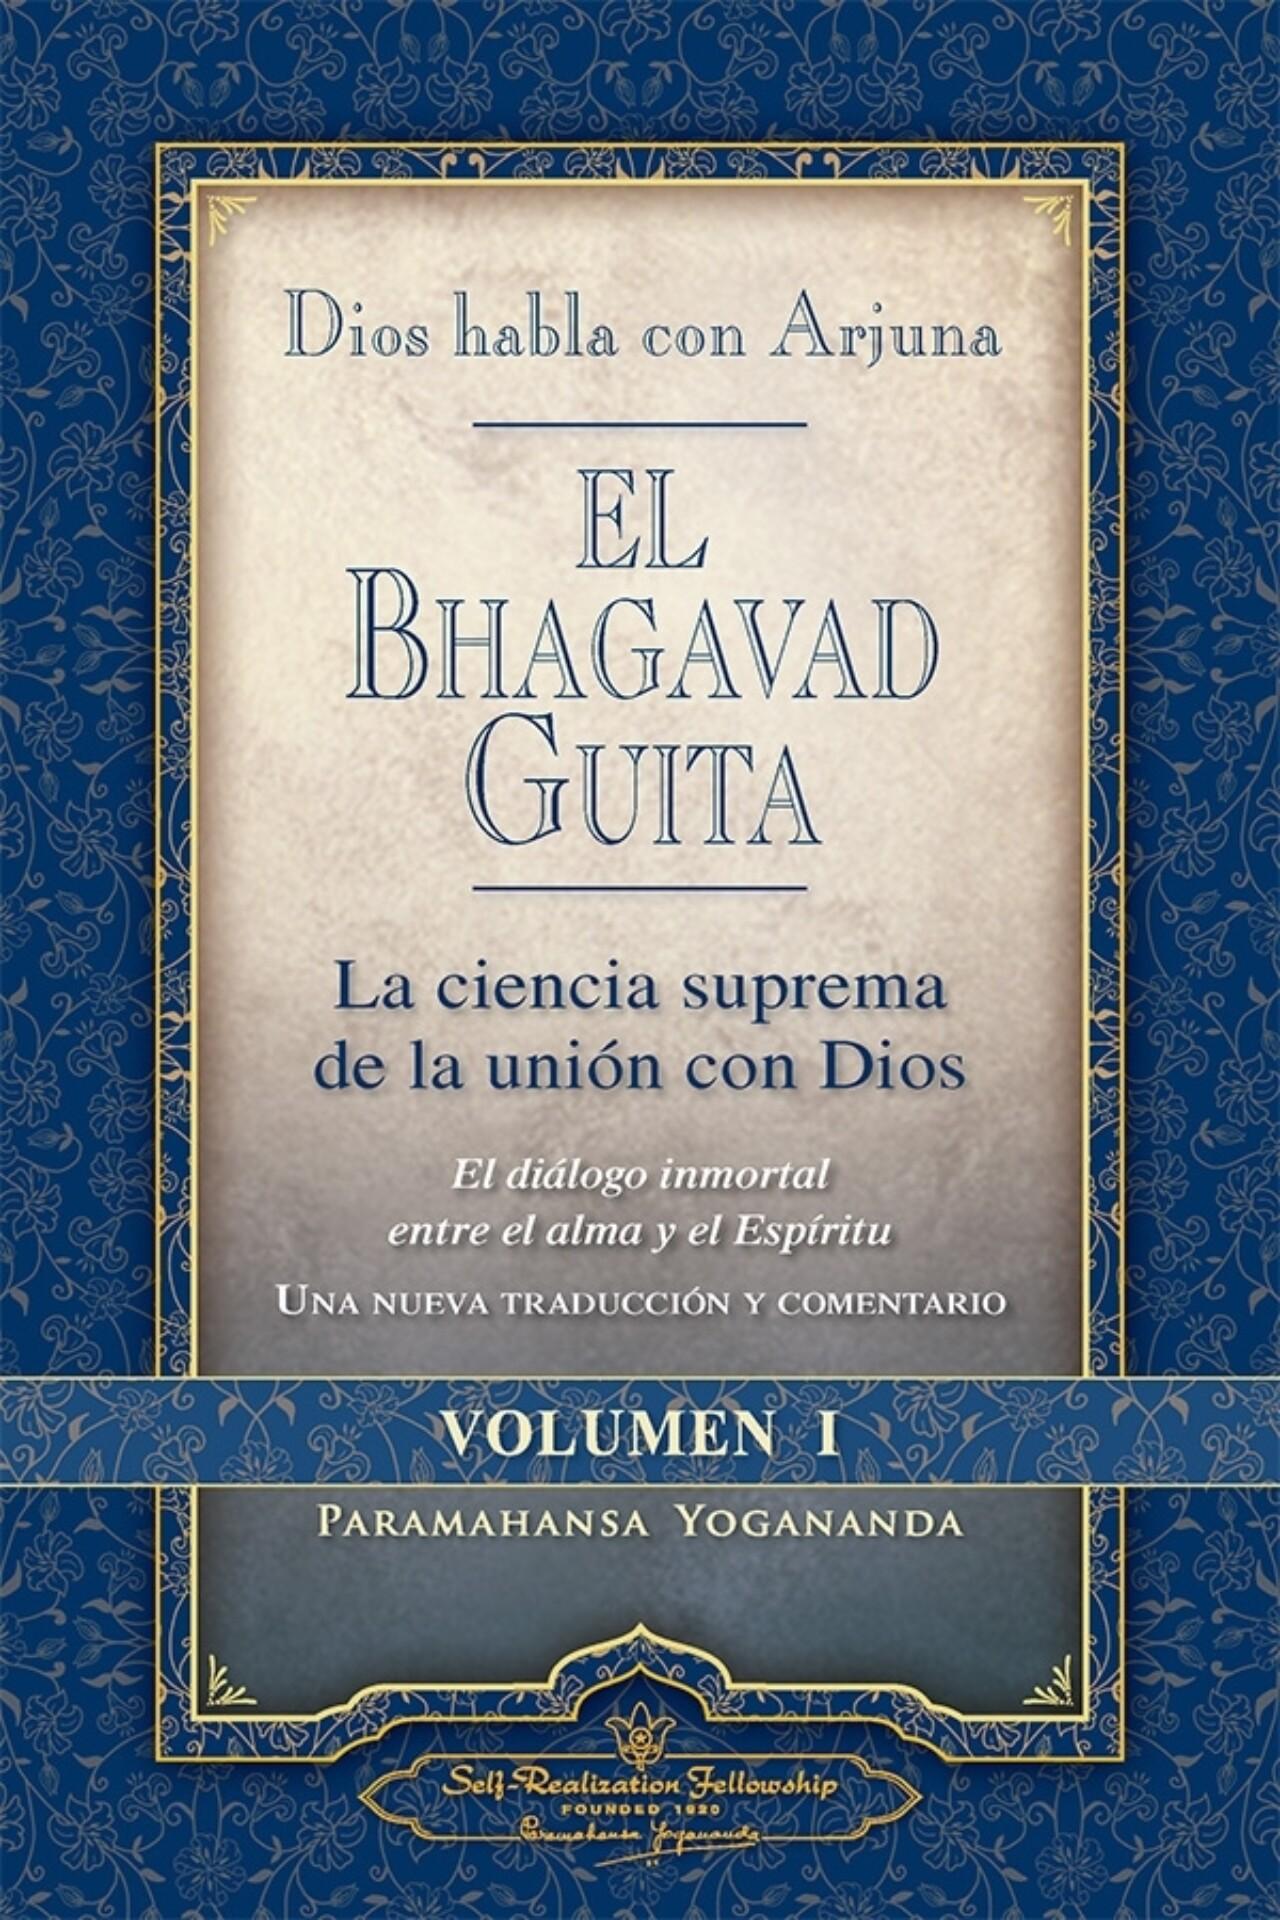 Bhagavad Gita Spanish